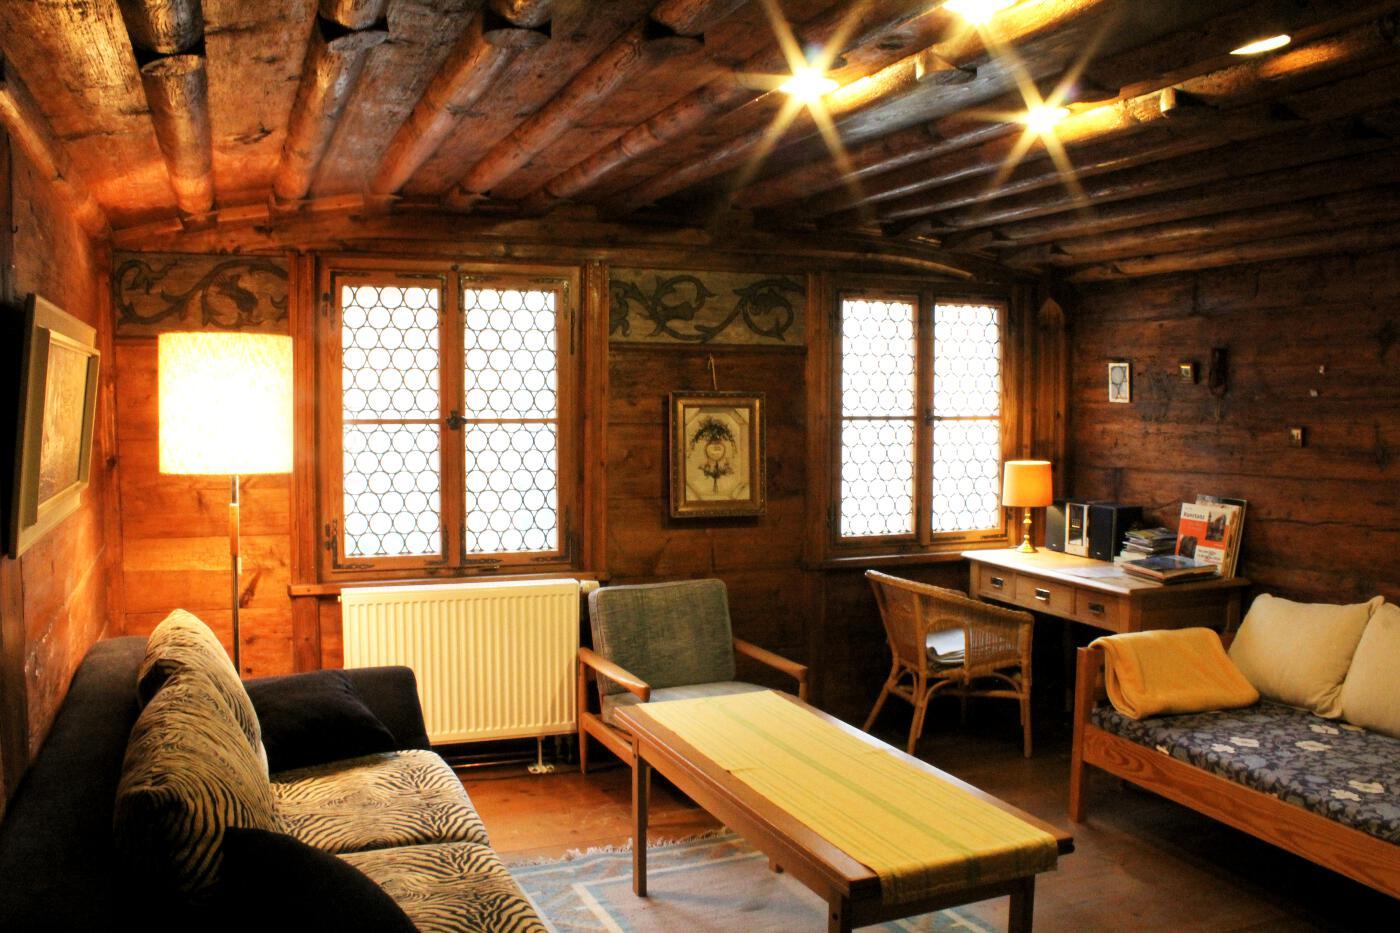 ... Die Anordnung Der Leuchten, Wandbehänge Und Sofas Spielt Auch Eine  Entscheidende Rolle Für Das Modell Der Minimalistischen Wohnzimmer.